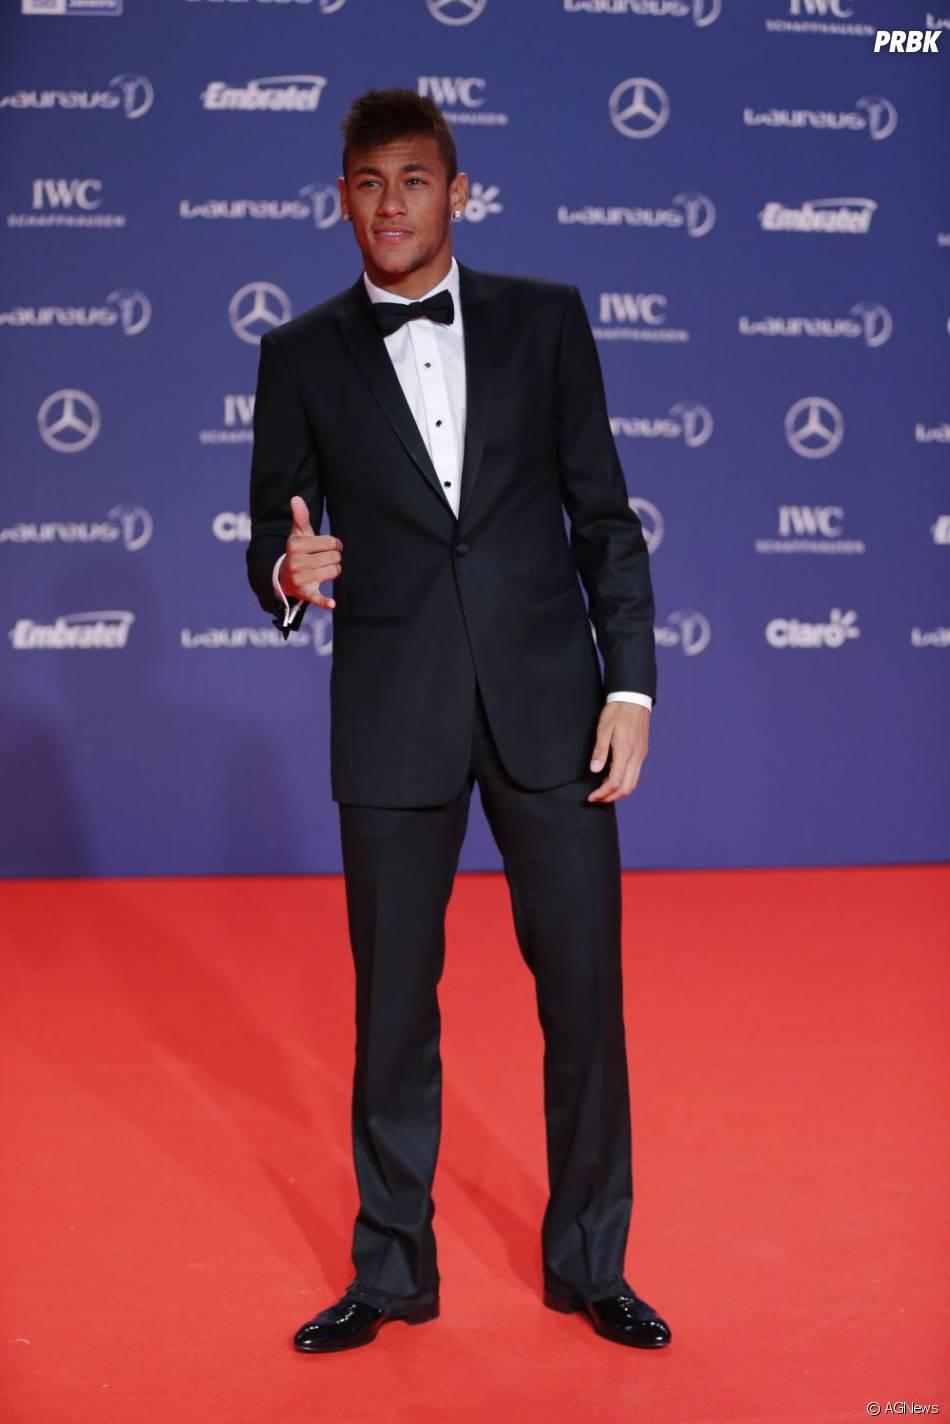 Fechando a galeria de bons momentos fashion de Neymar, mais um caso onde a simplicidade trabalha a favor da elegância. Corte preciso e cores discretas, nada mais. O paletó poderia ser um pouco mais curto e a calça ficou com algumas sobras do joelho para baixo, mas isso é capricho e o resultado merece elogios.